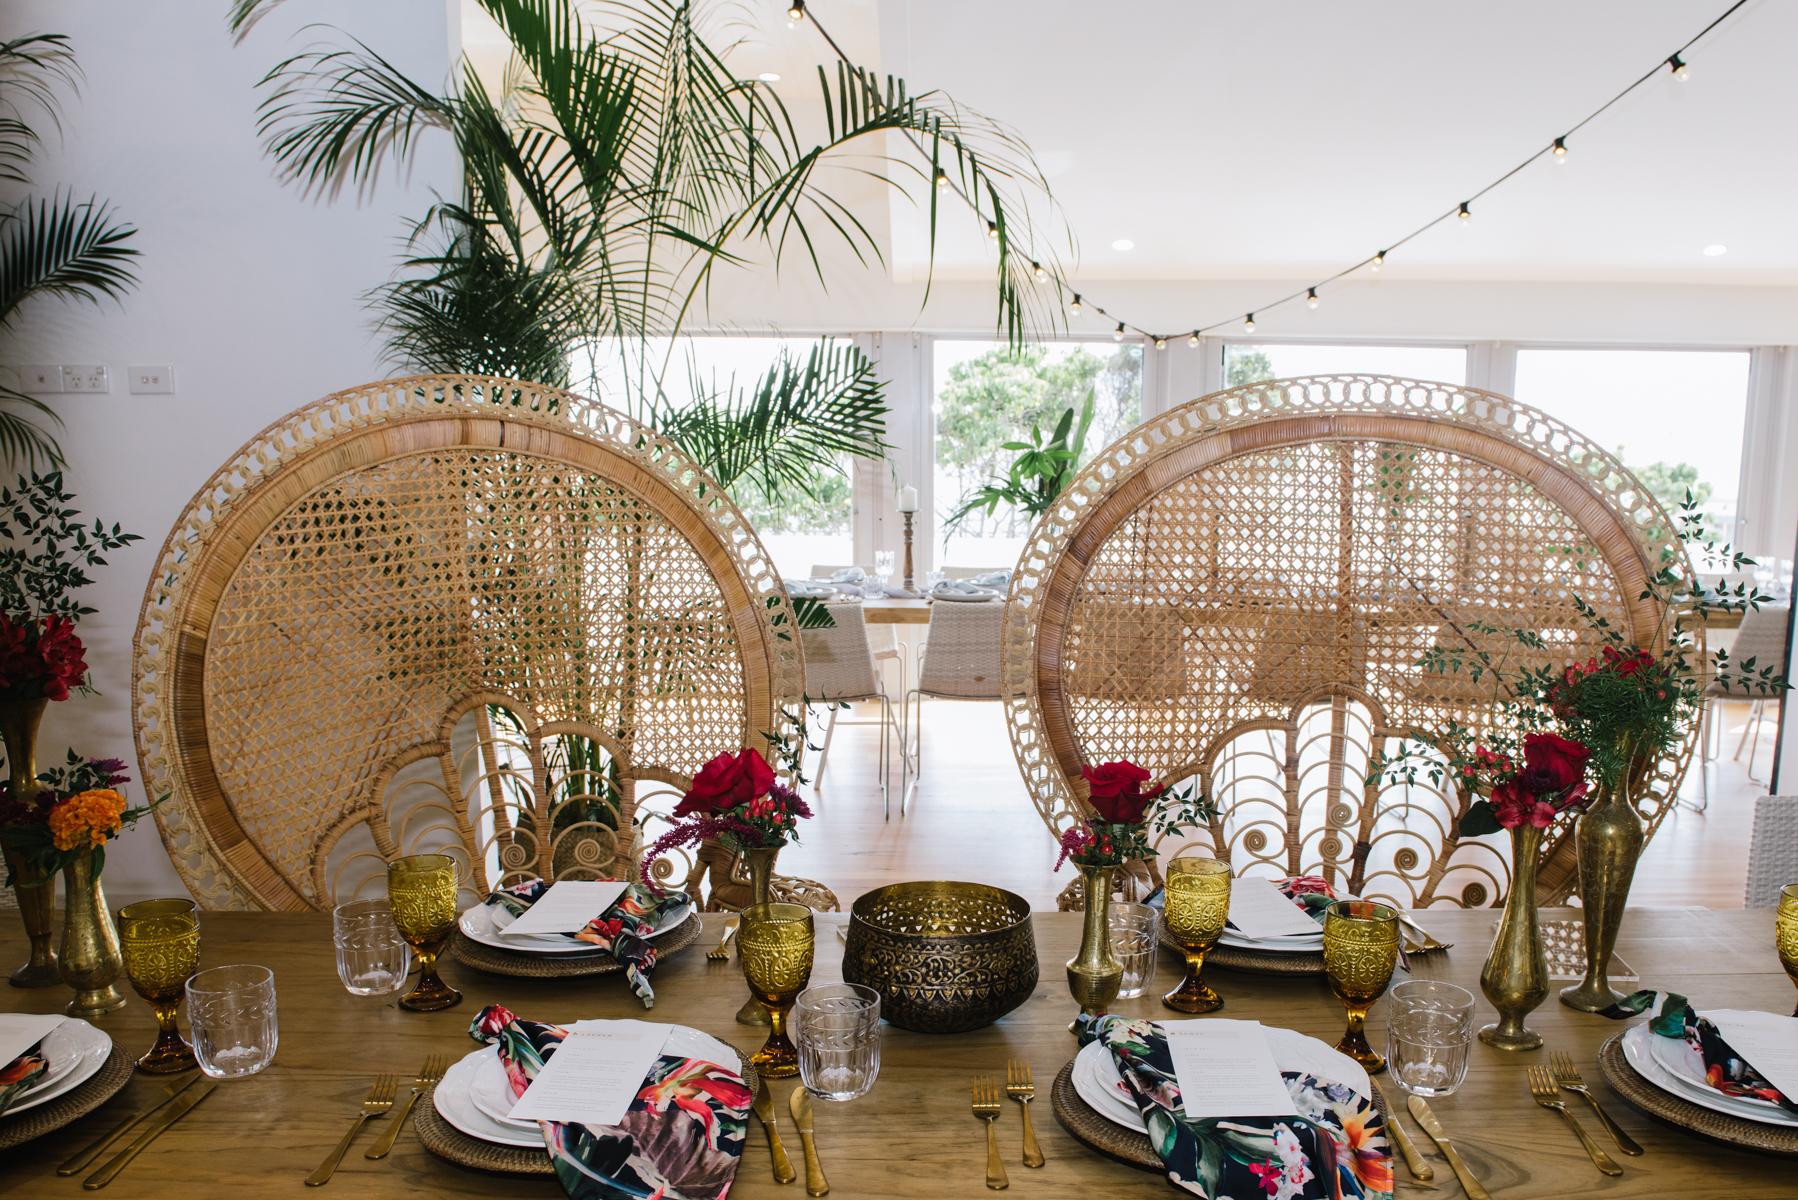 babalou-wedding- skyla sage photography weddings, families, byron bay,tweed coast,kingscliff,cabarita,gold coast-31.jpg